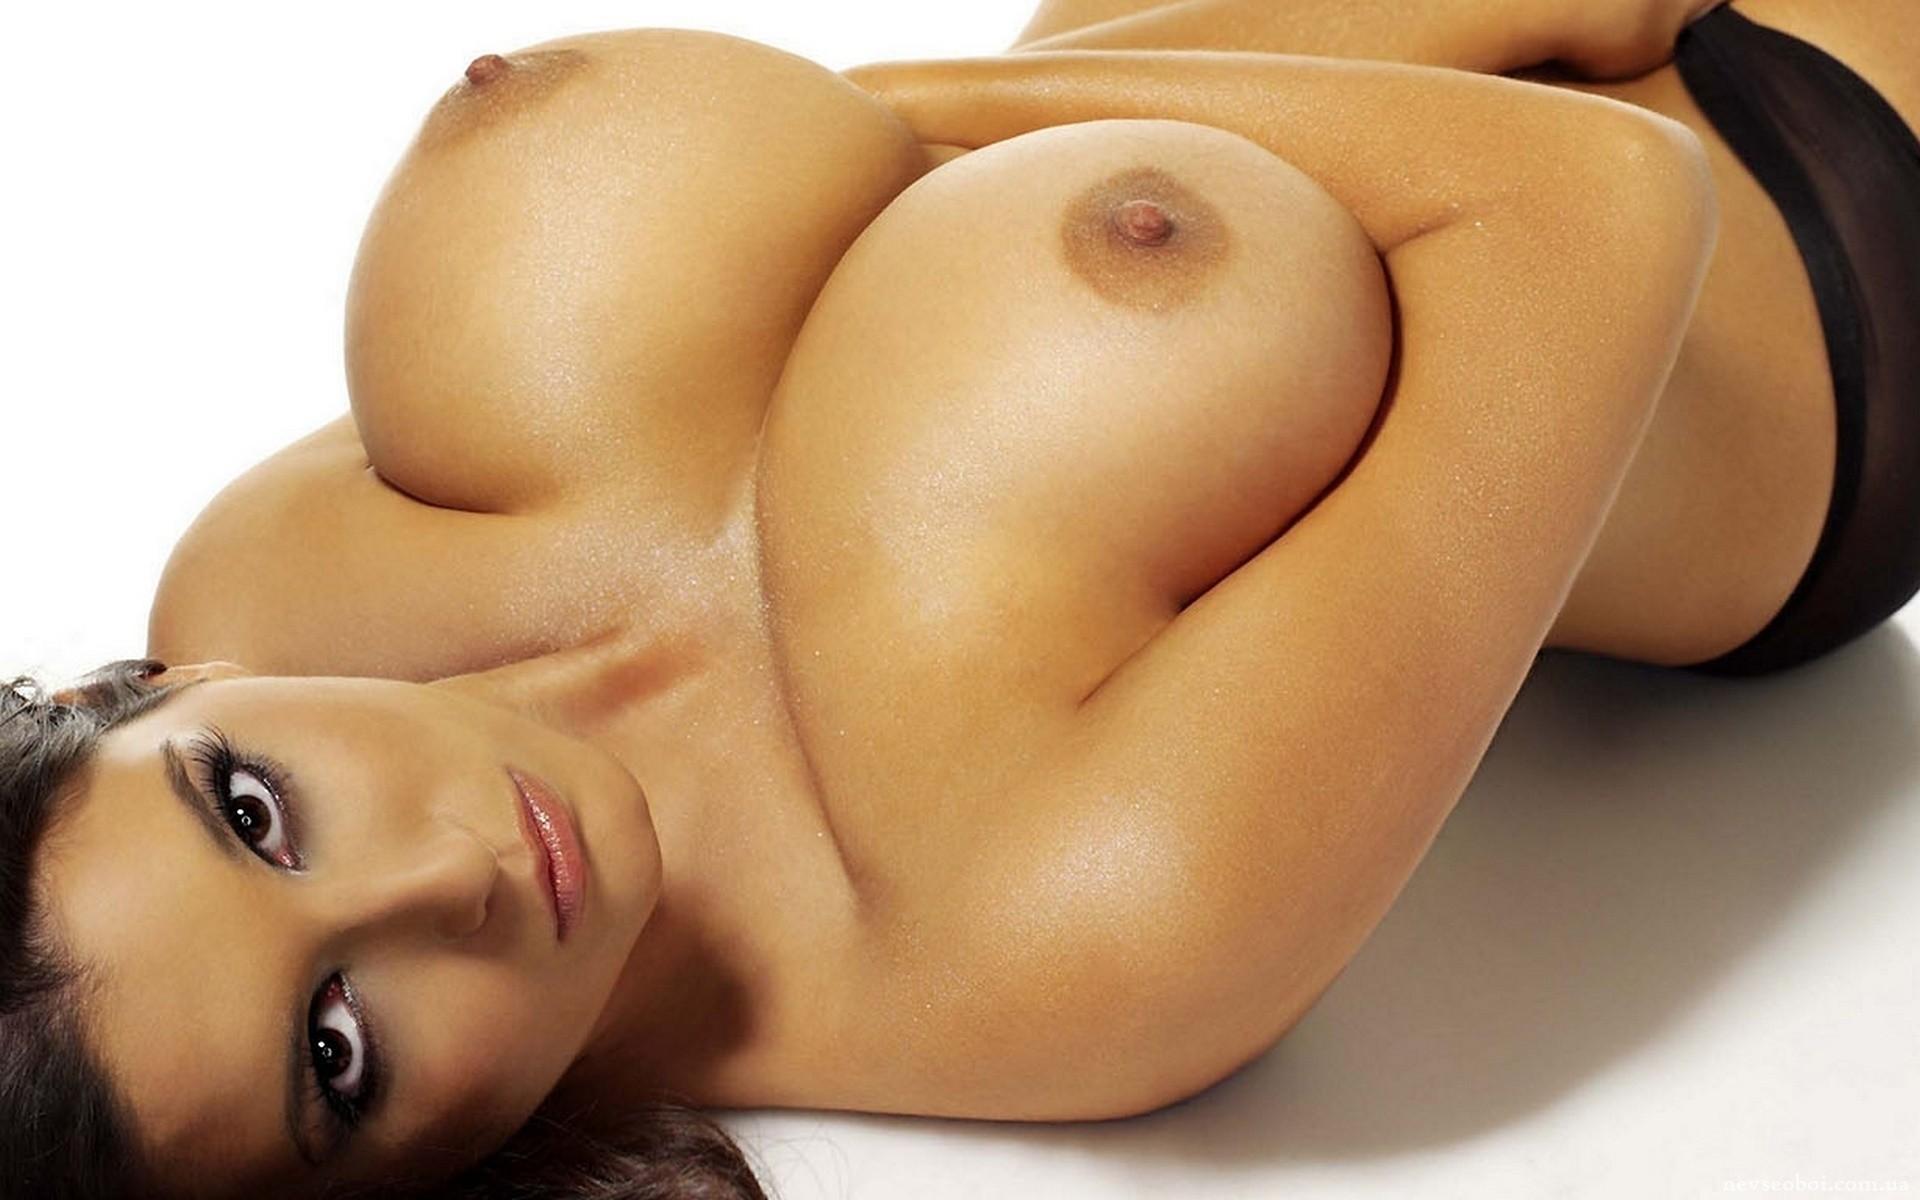 Секс картинки сиски 6 фотография